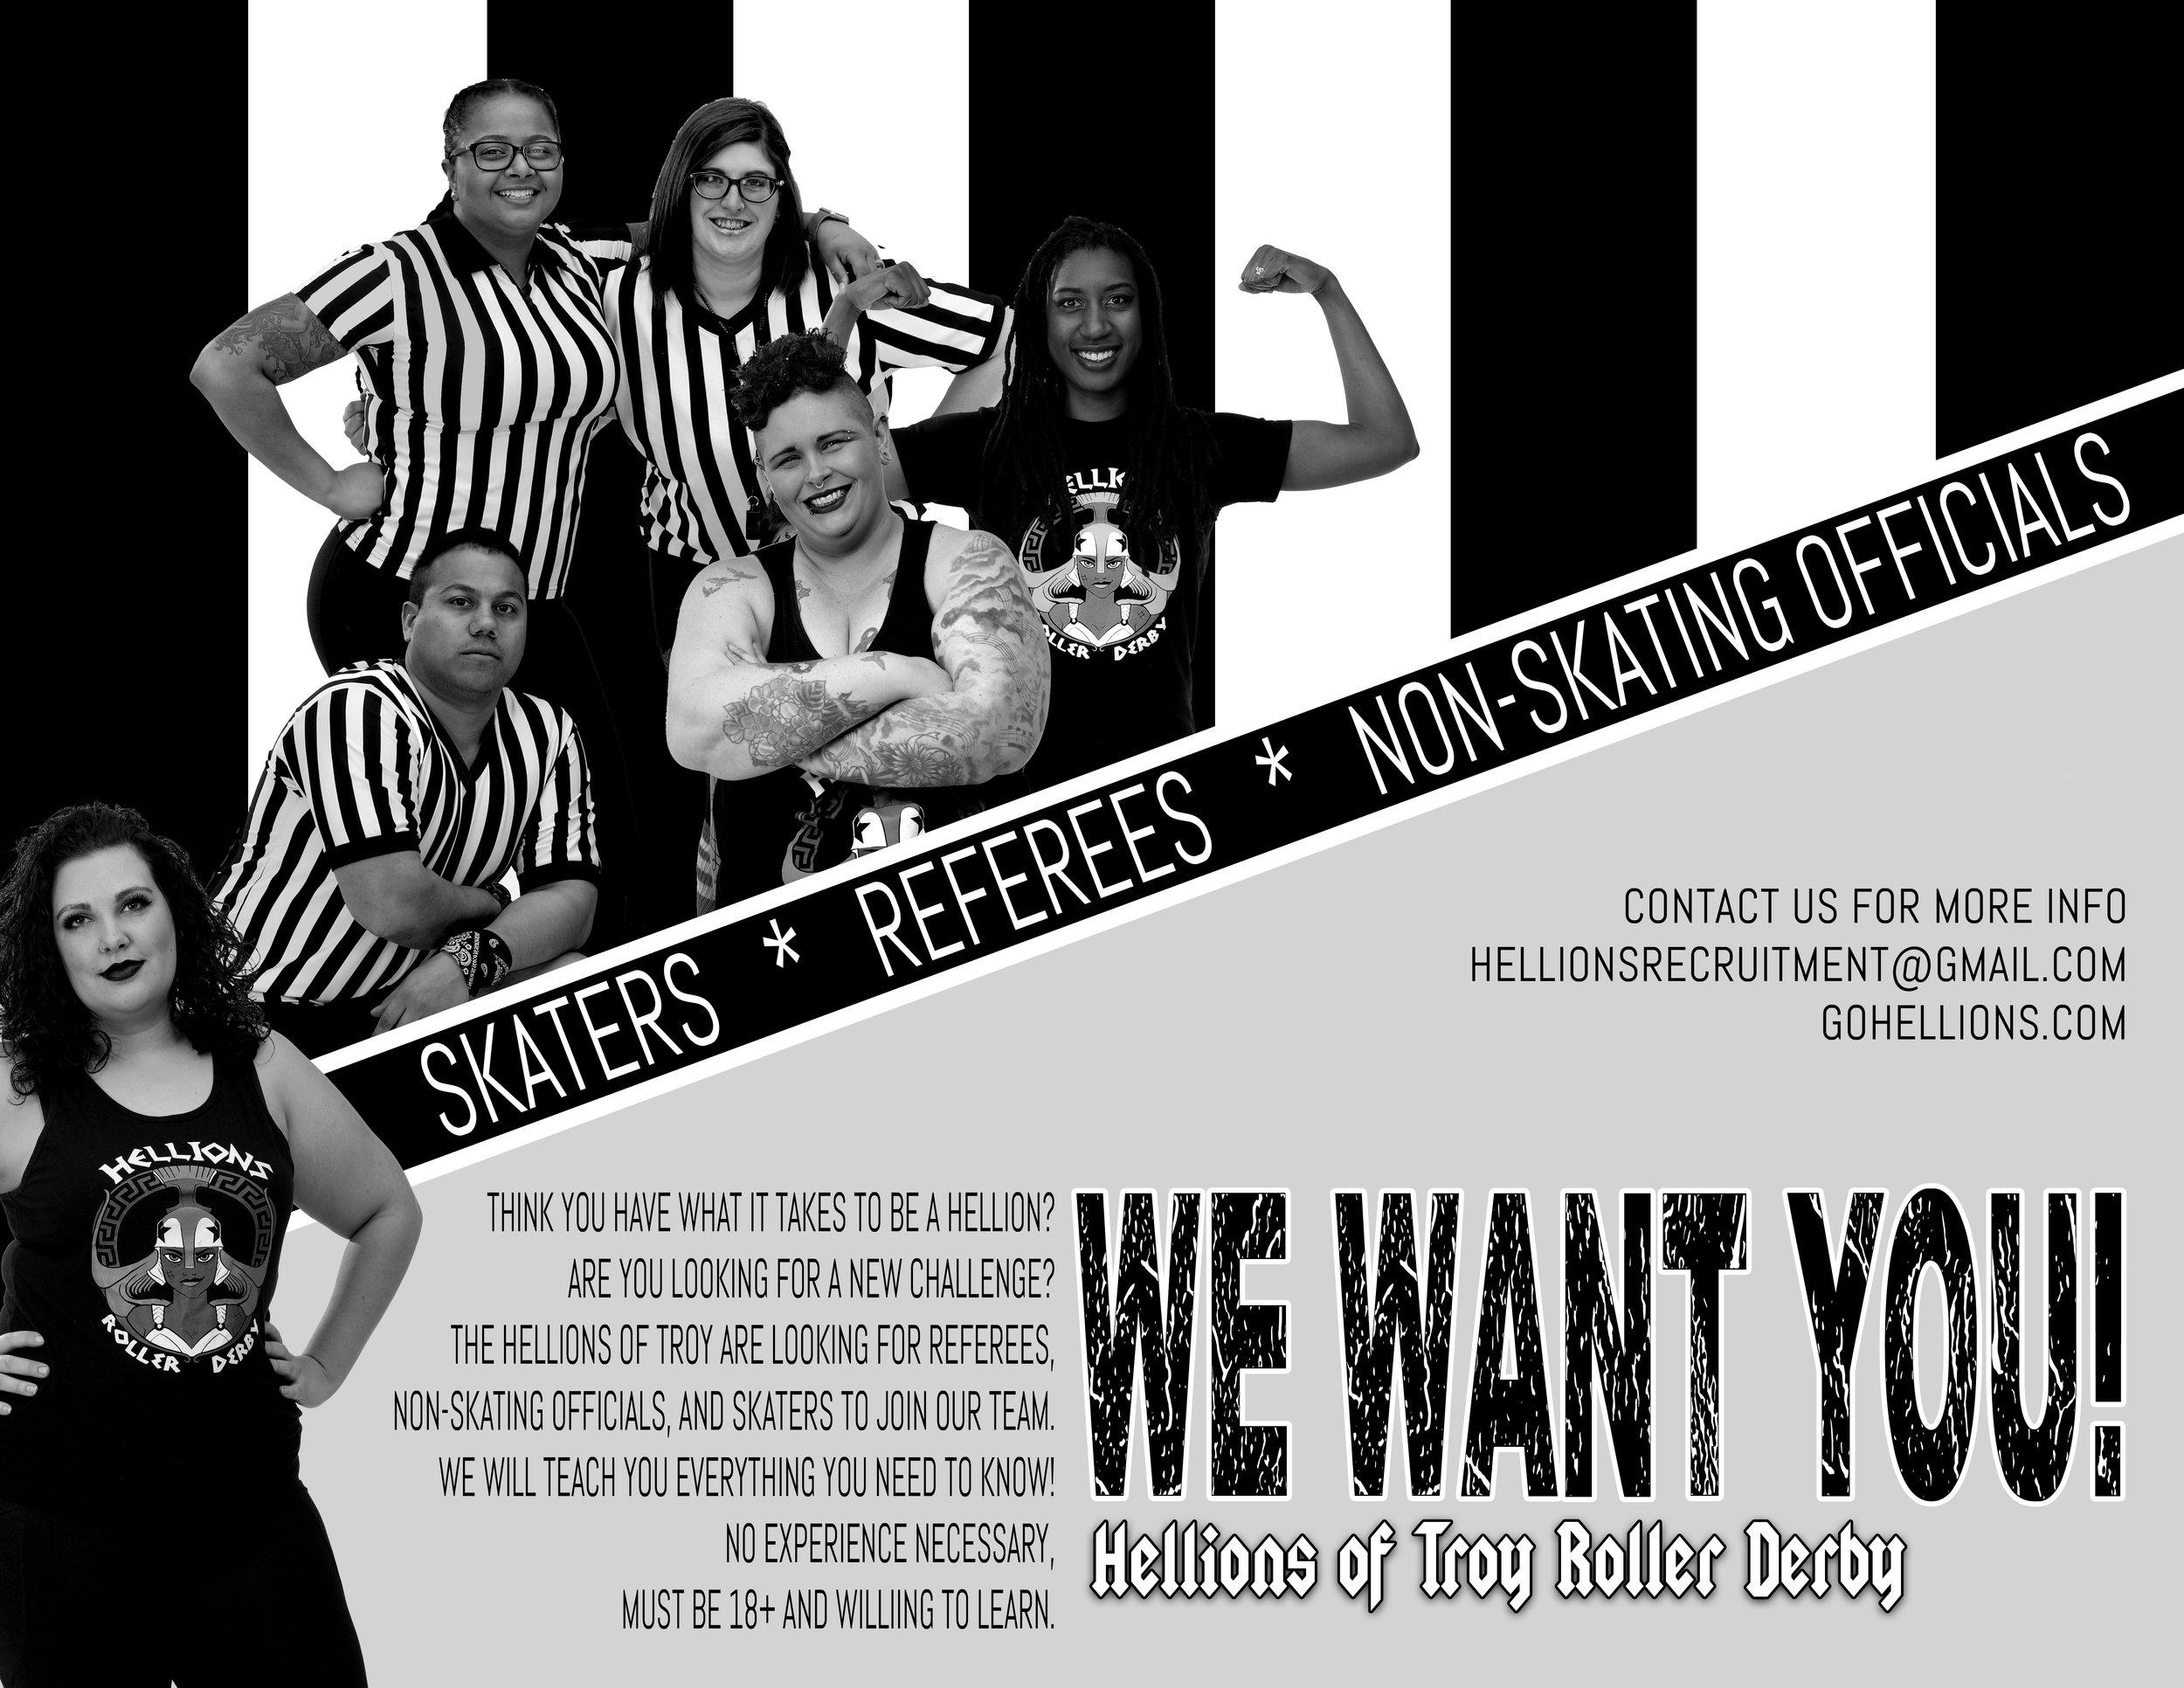 Officials Recruitment b&w.jpg